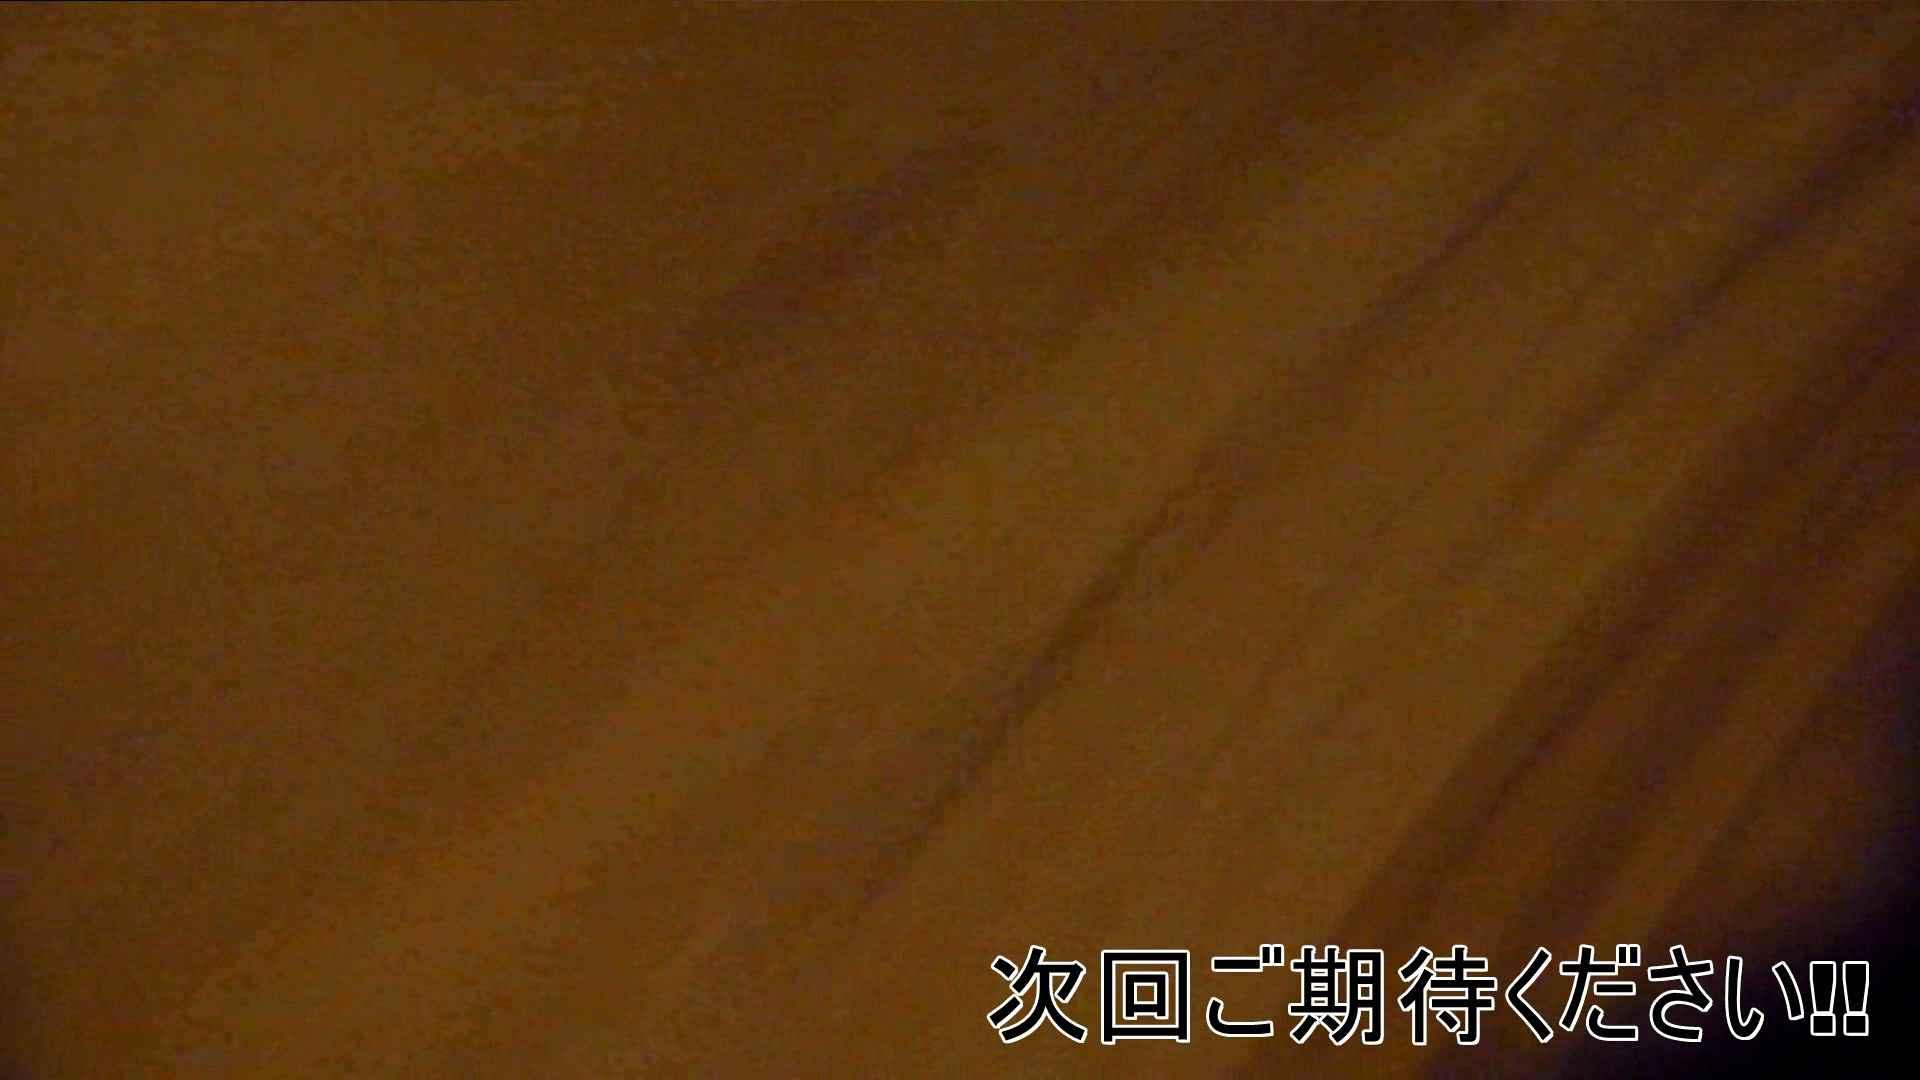 阿国ちゃんの「和式洋式七変化」No.9 和式  96枚 20